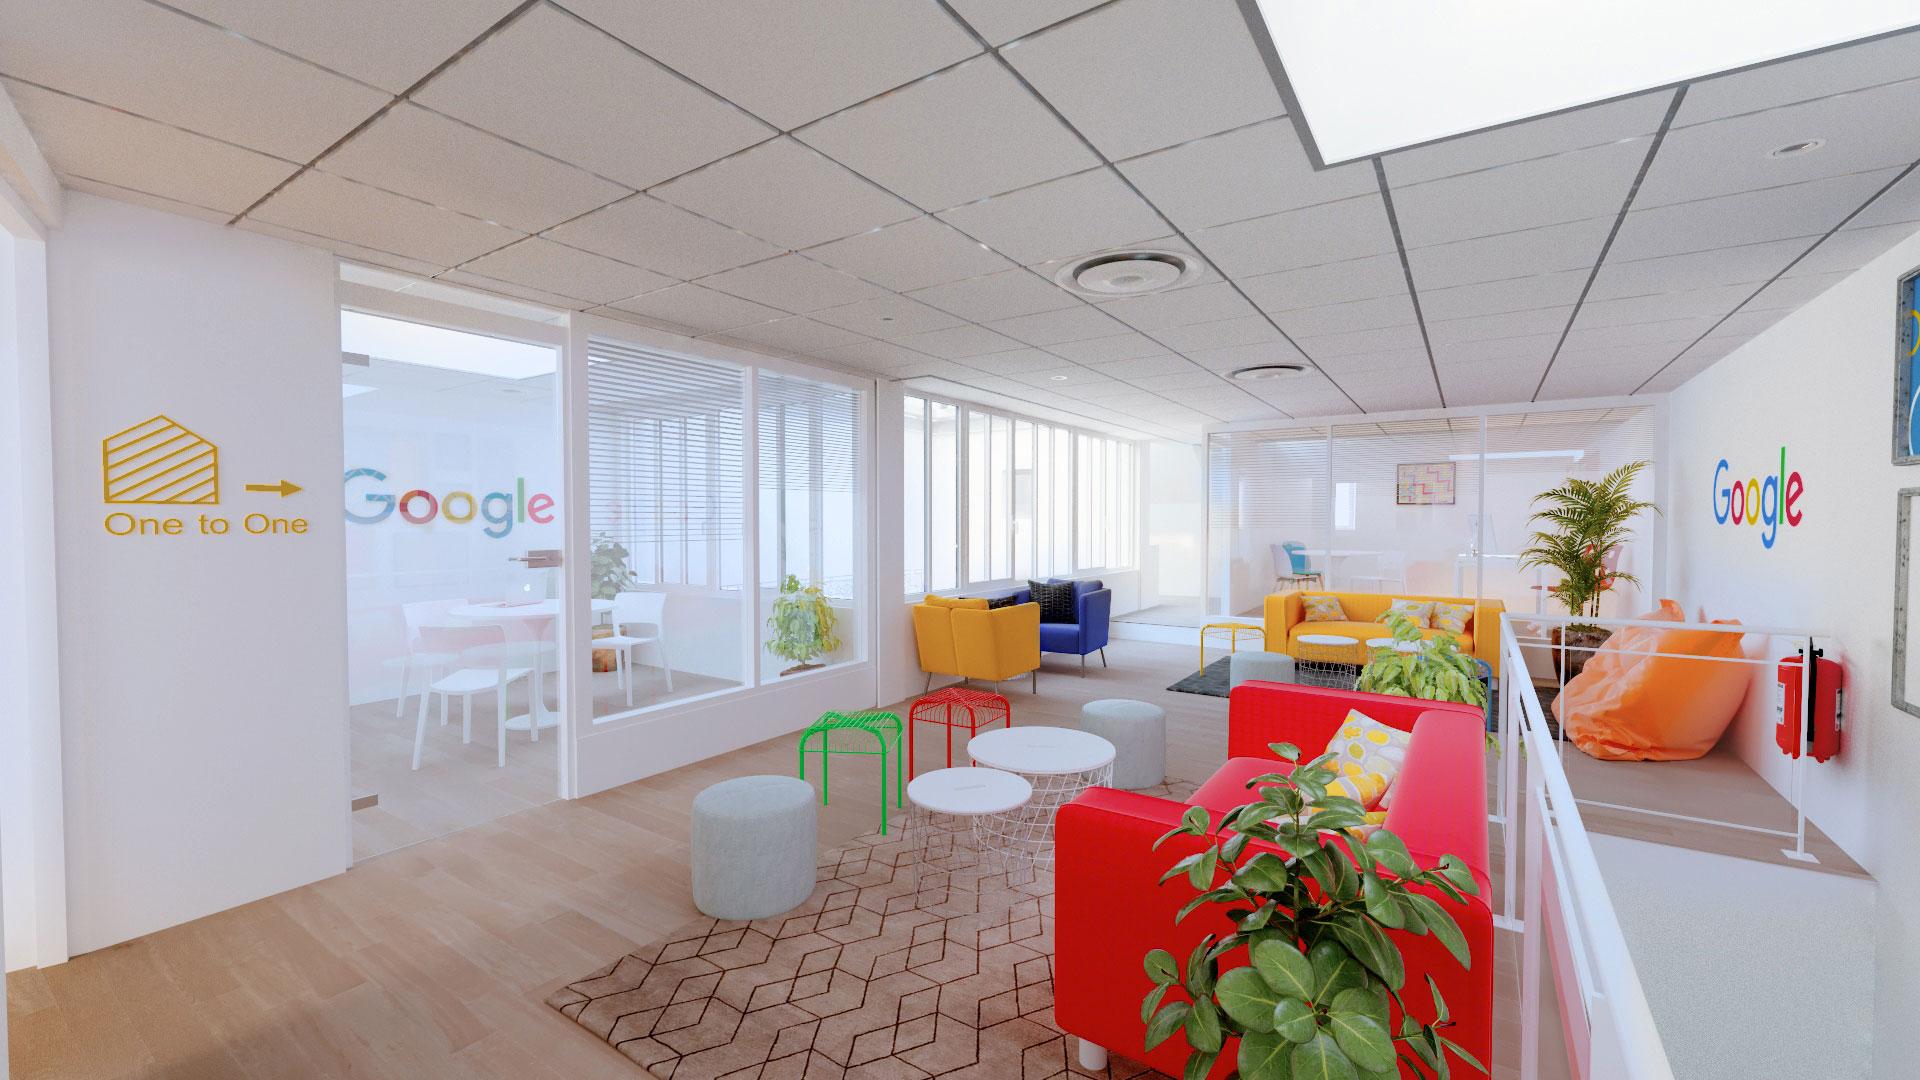 Google Accueil 2